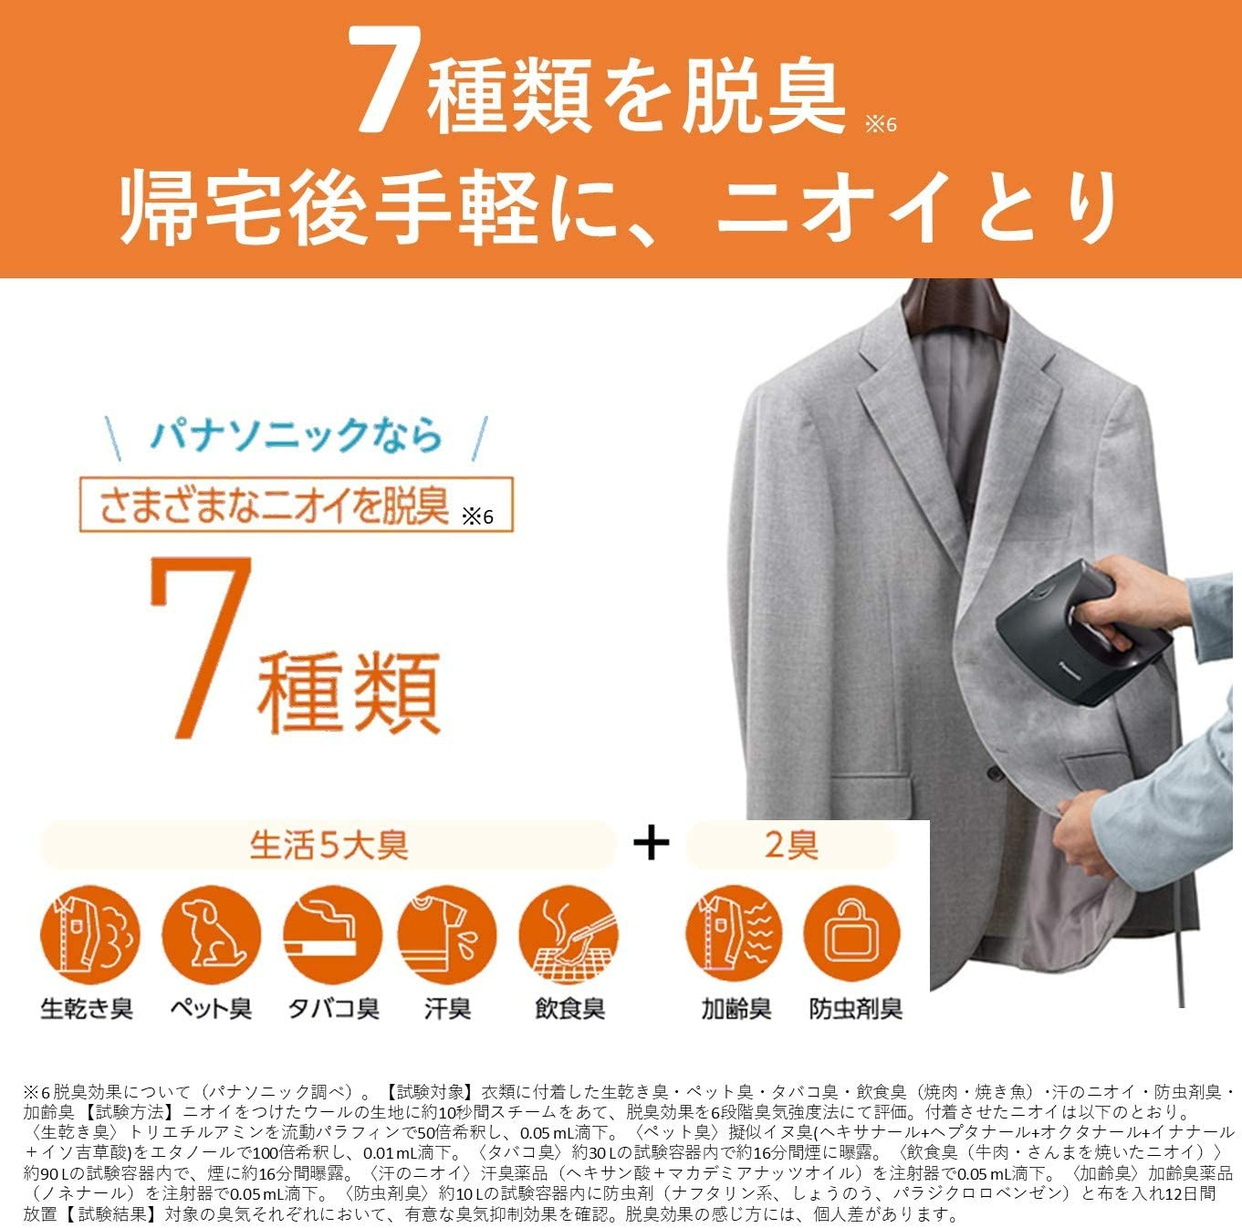 Panasonic(パナソニック) 衣類スチーマー NI-FS760の商品画像6